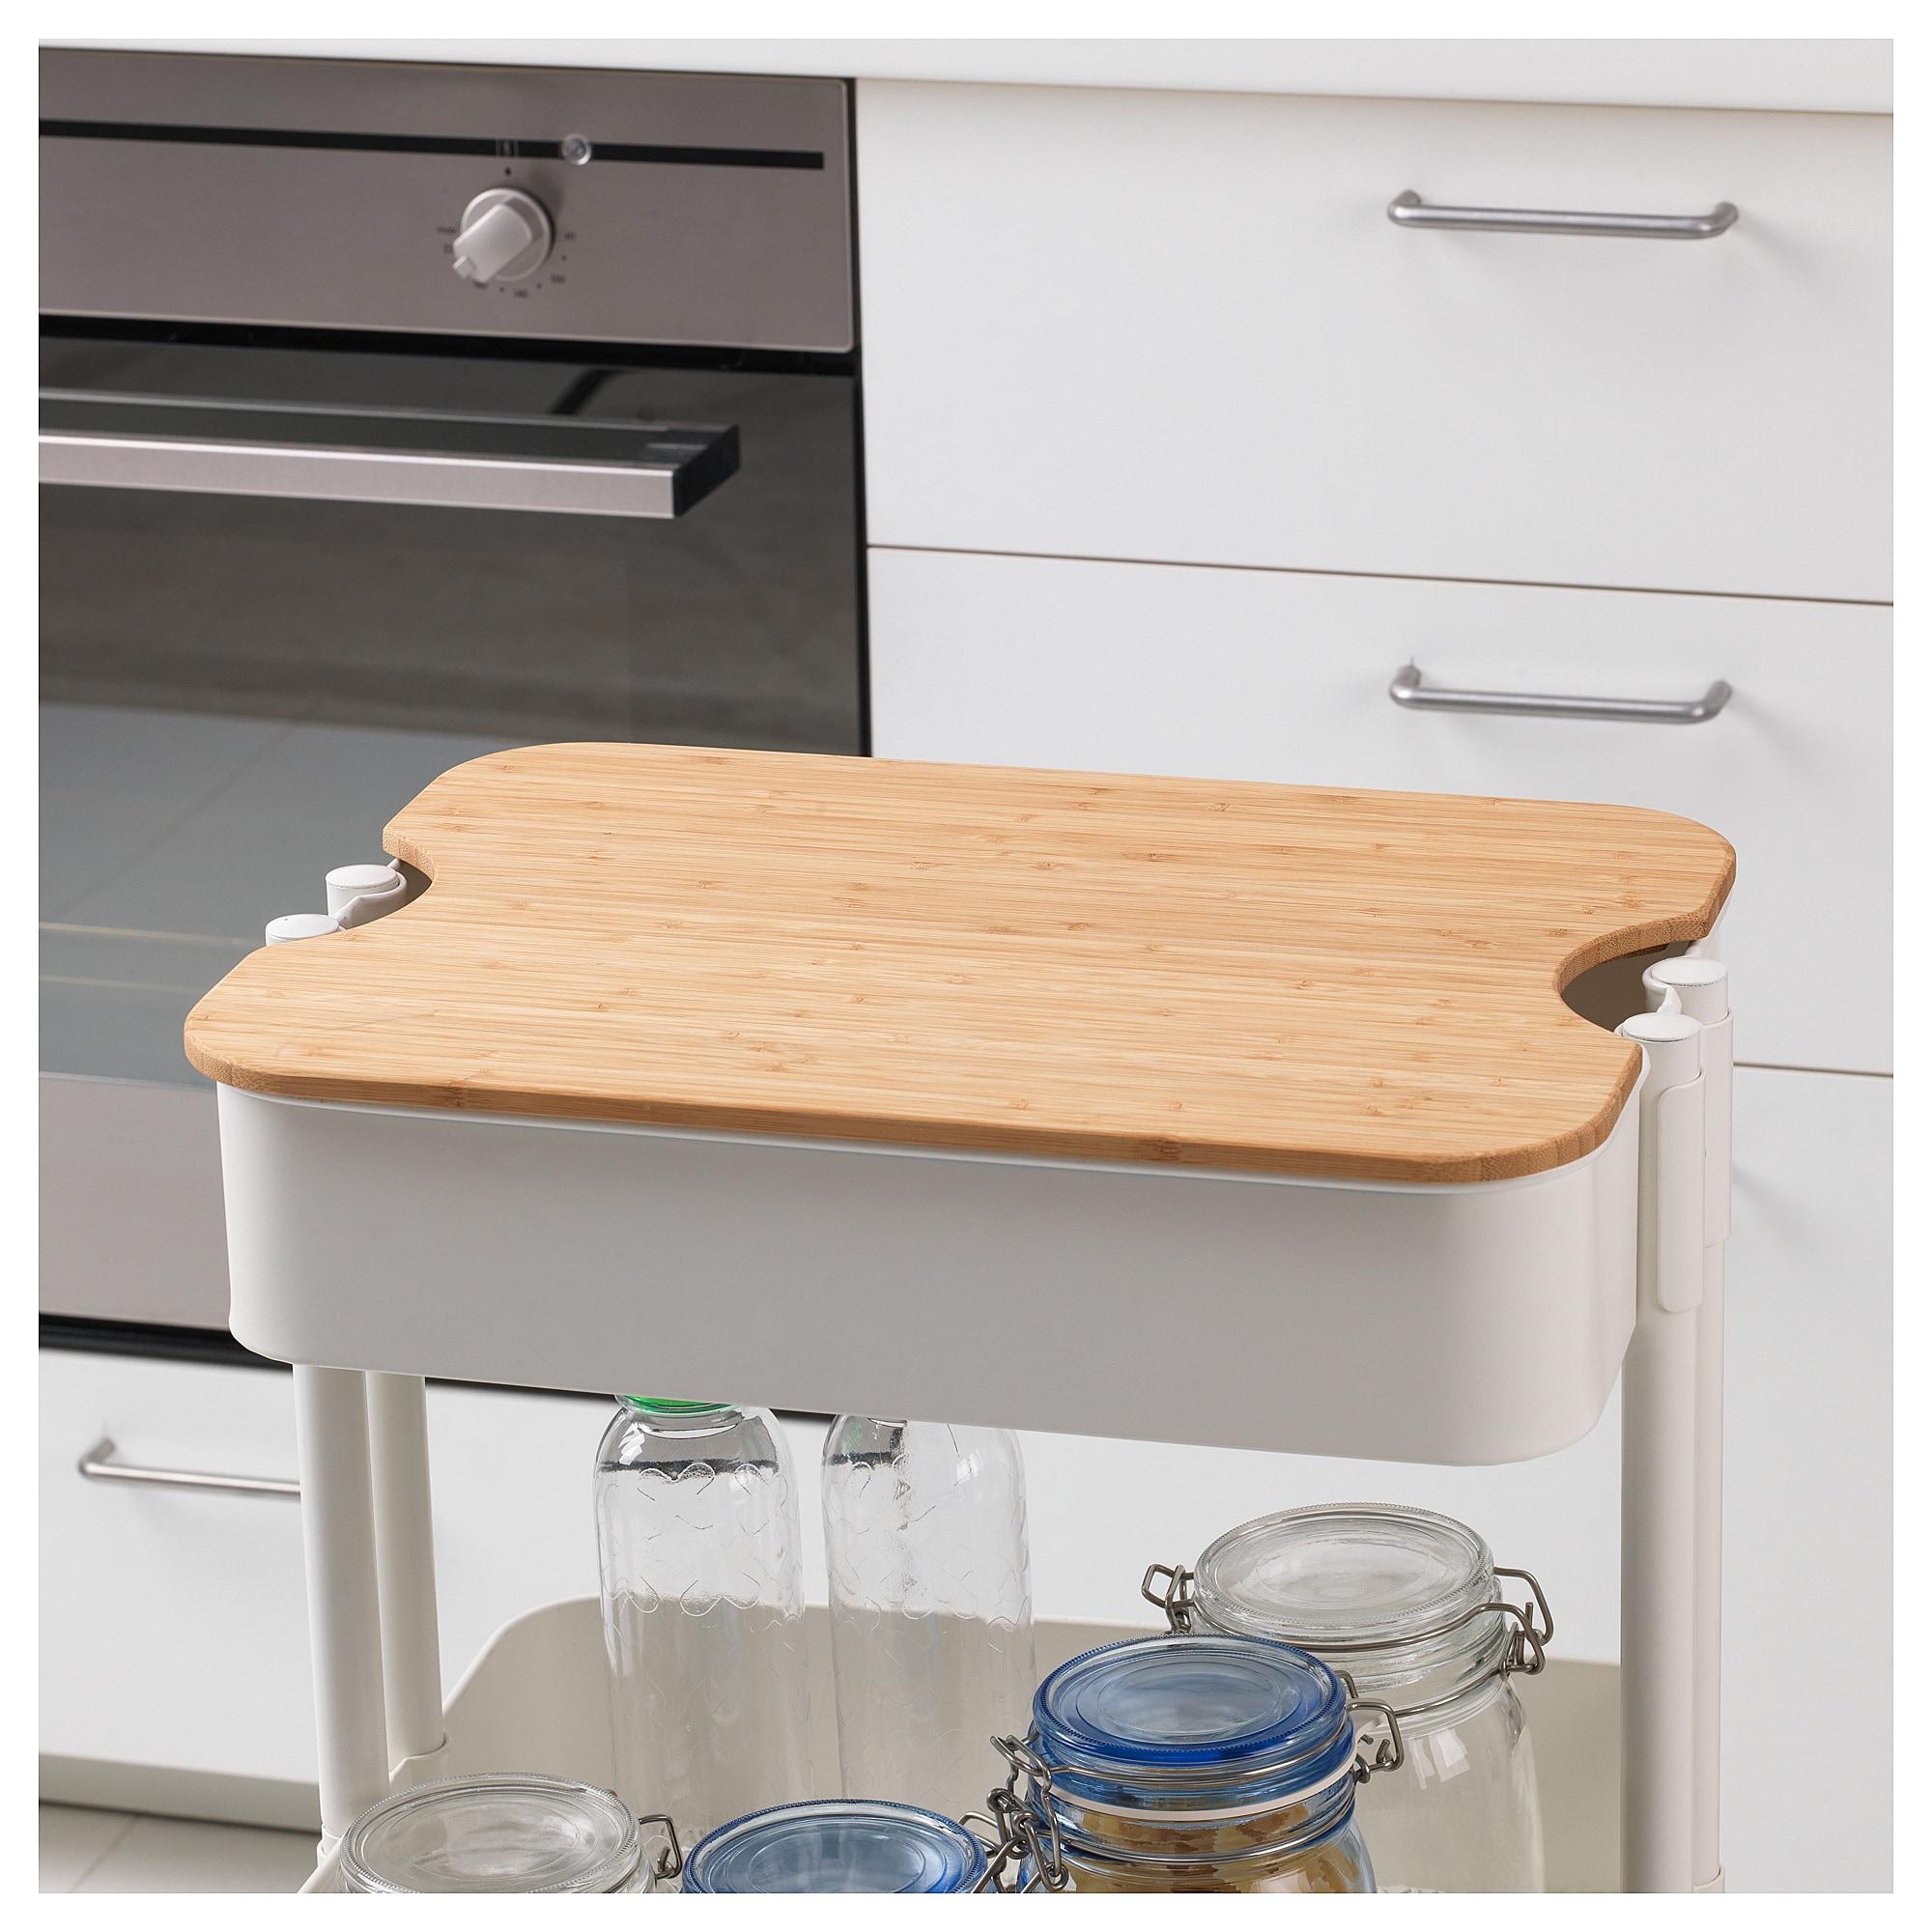 上に載せられるぴったりサイズのまな板も売られているので、小さなキッチンでも活躍します